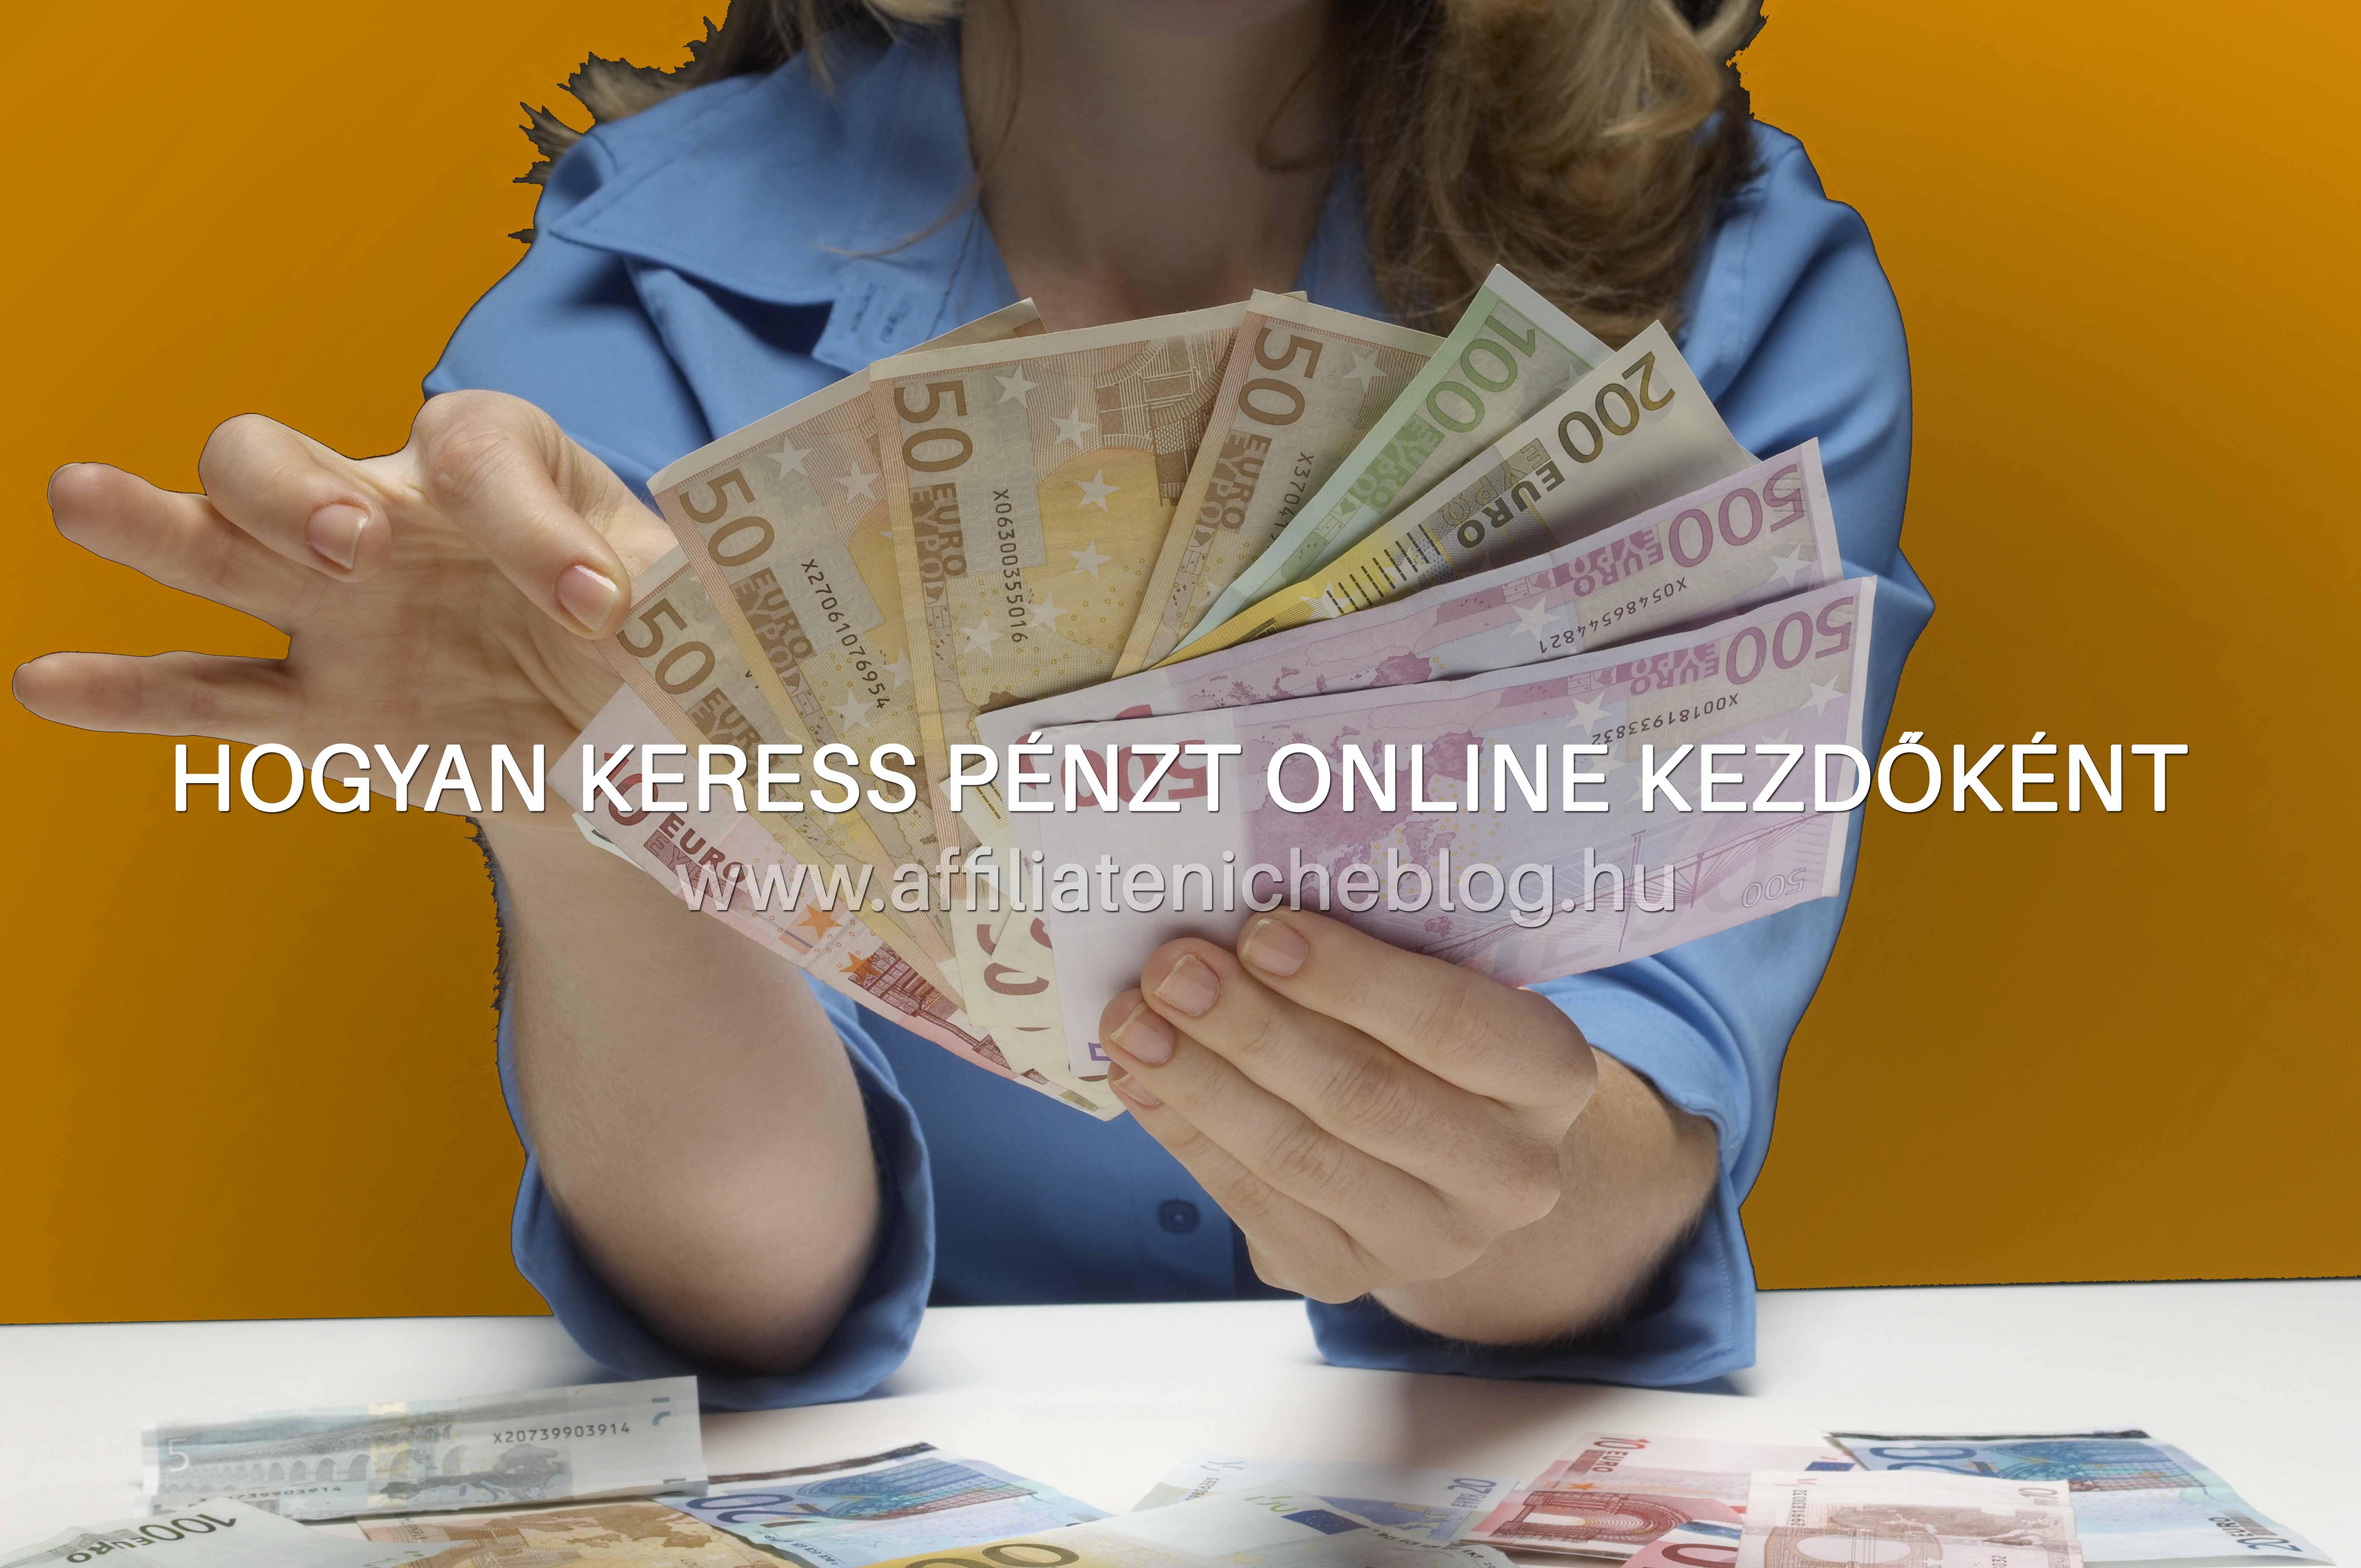 ahol most pénzt kereshet, nincs pénz)